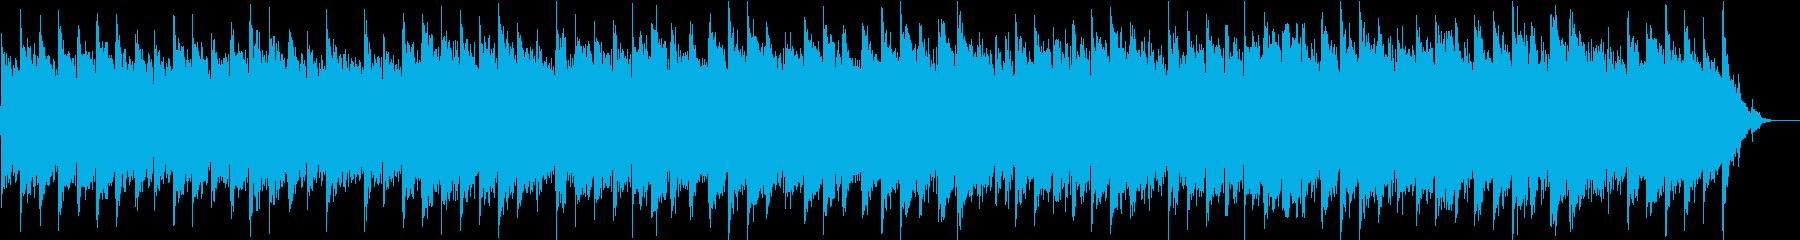 和風:日本の風情・情緒③弦楽器なしの再生済みの波形